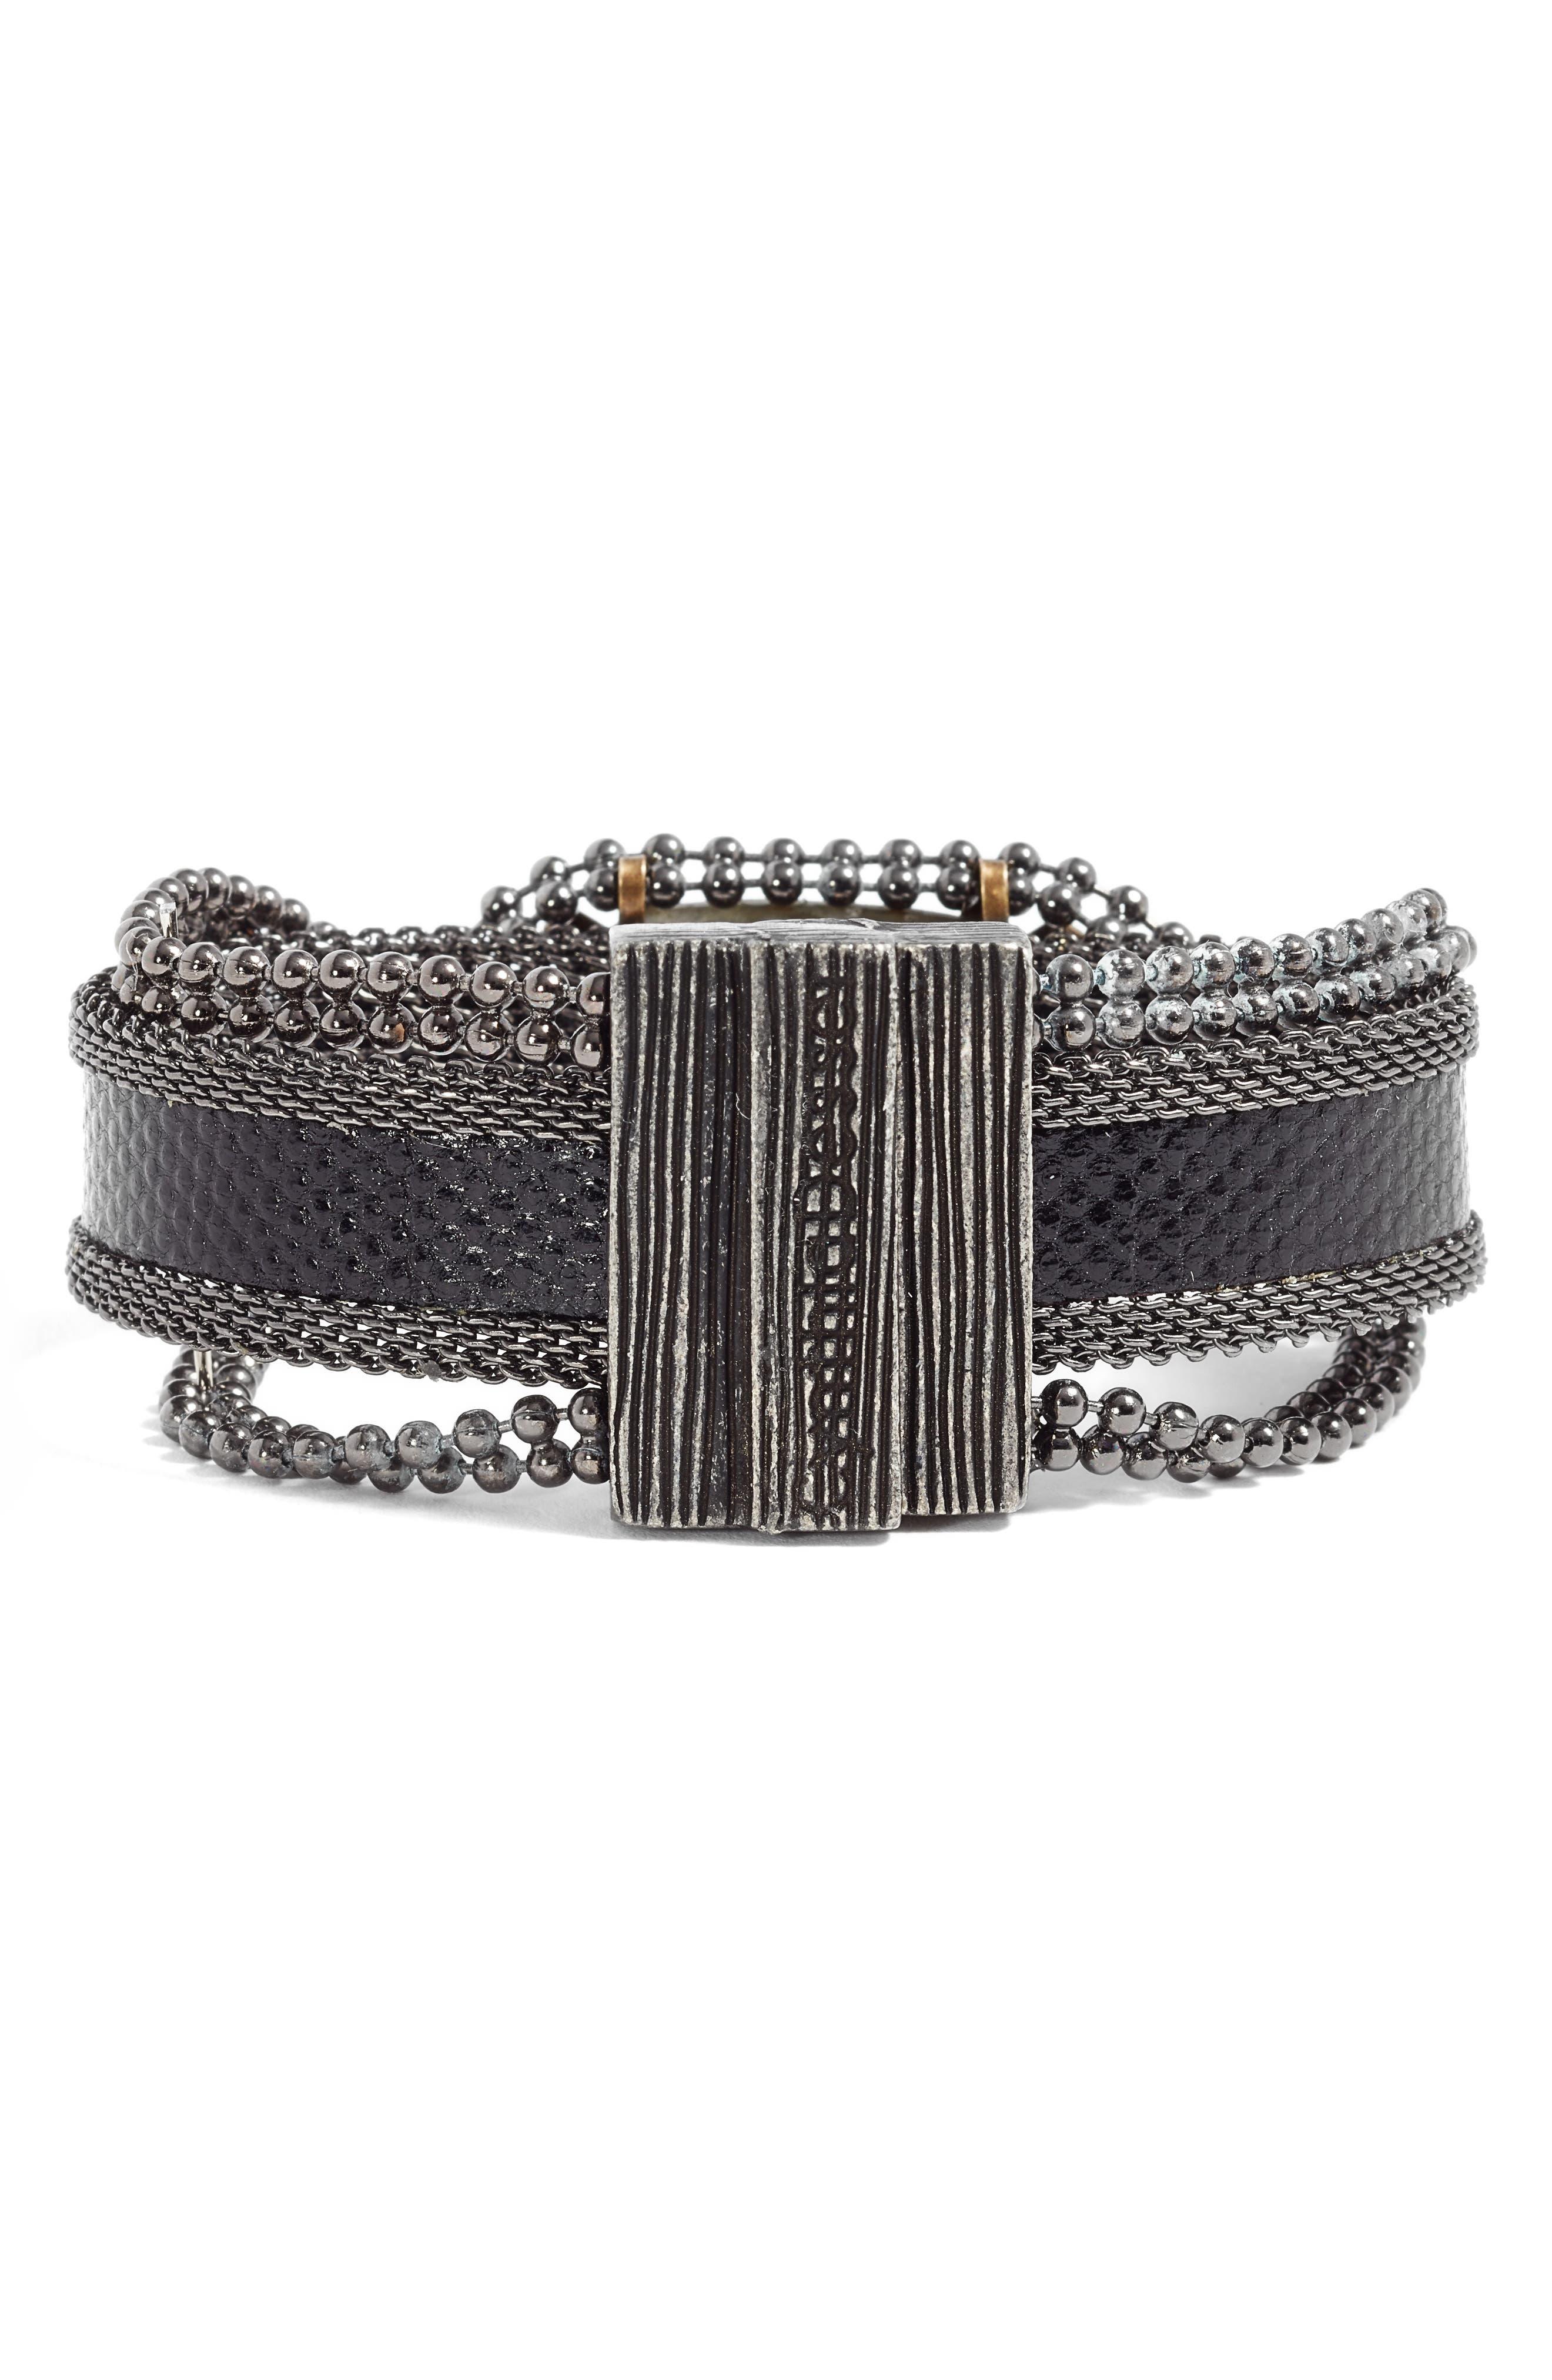 Stone & Snakeskin Bracelet,                             Alternate thumbnail 3, color,                             Black/ Bronze/ Gunmetal